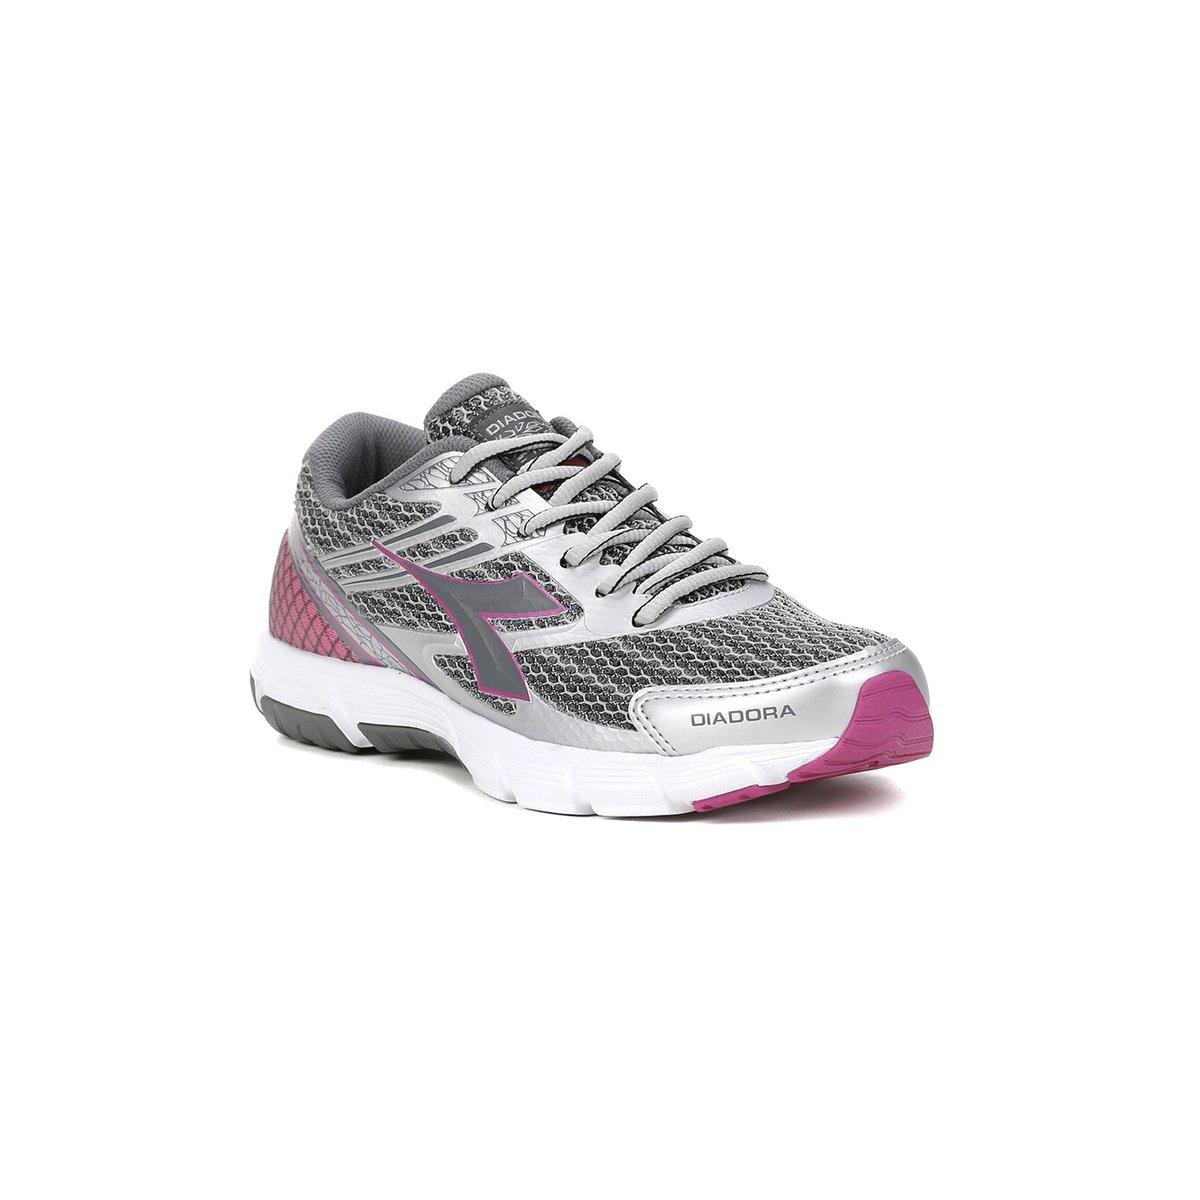 Prata Rosa Esportivo Tênis Tênis Diadora Prata Esportivo Feminino rosa e nxz0W7zvwd